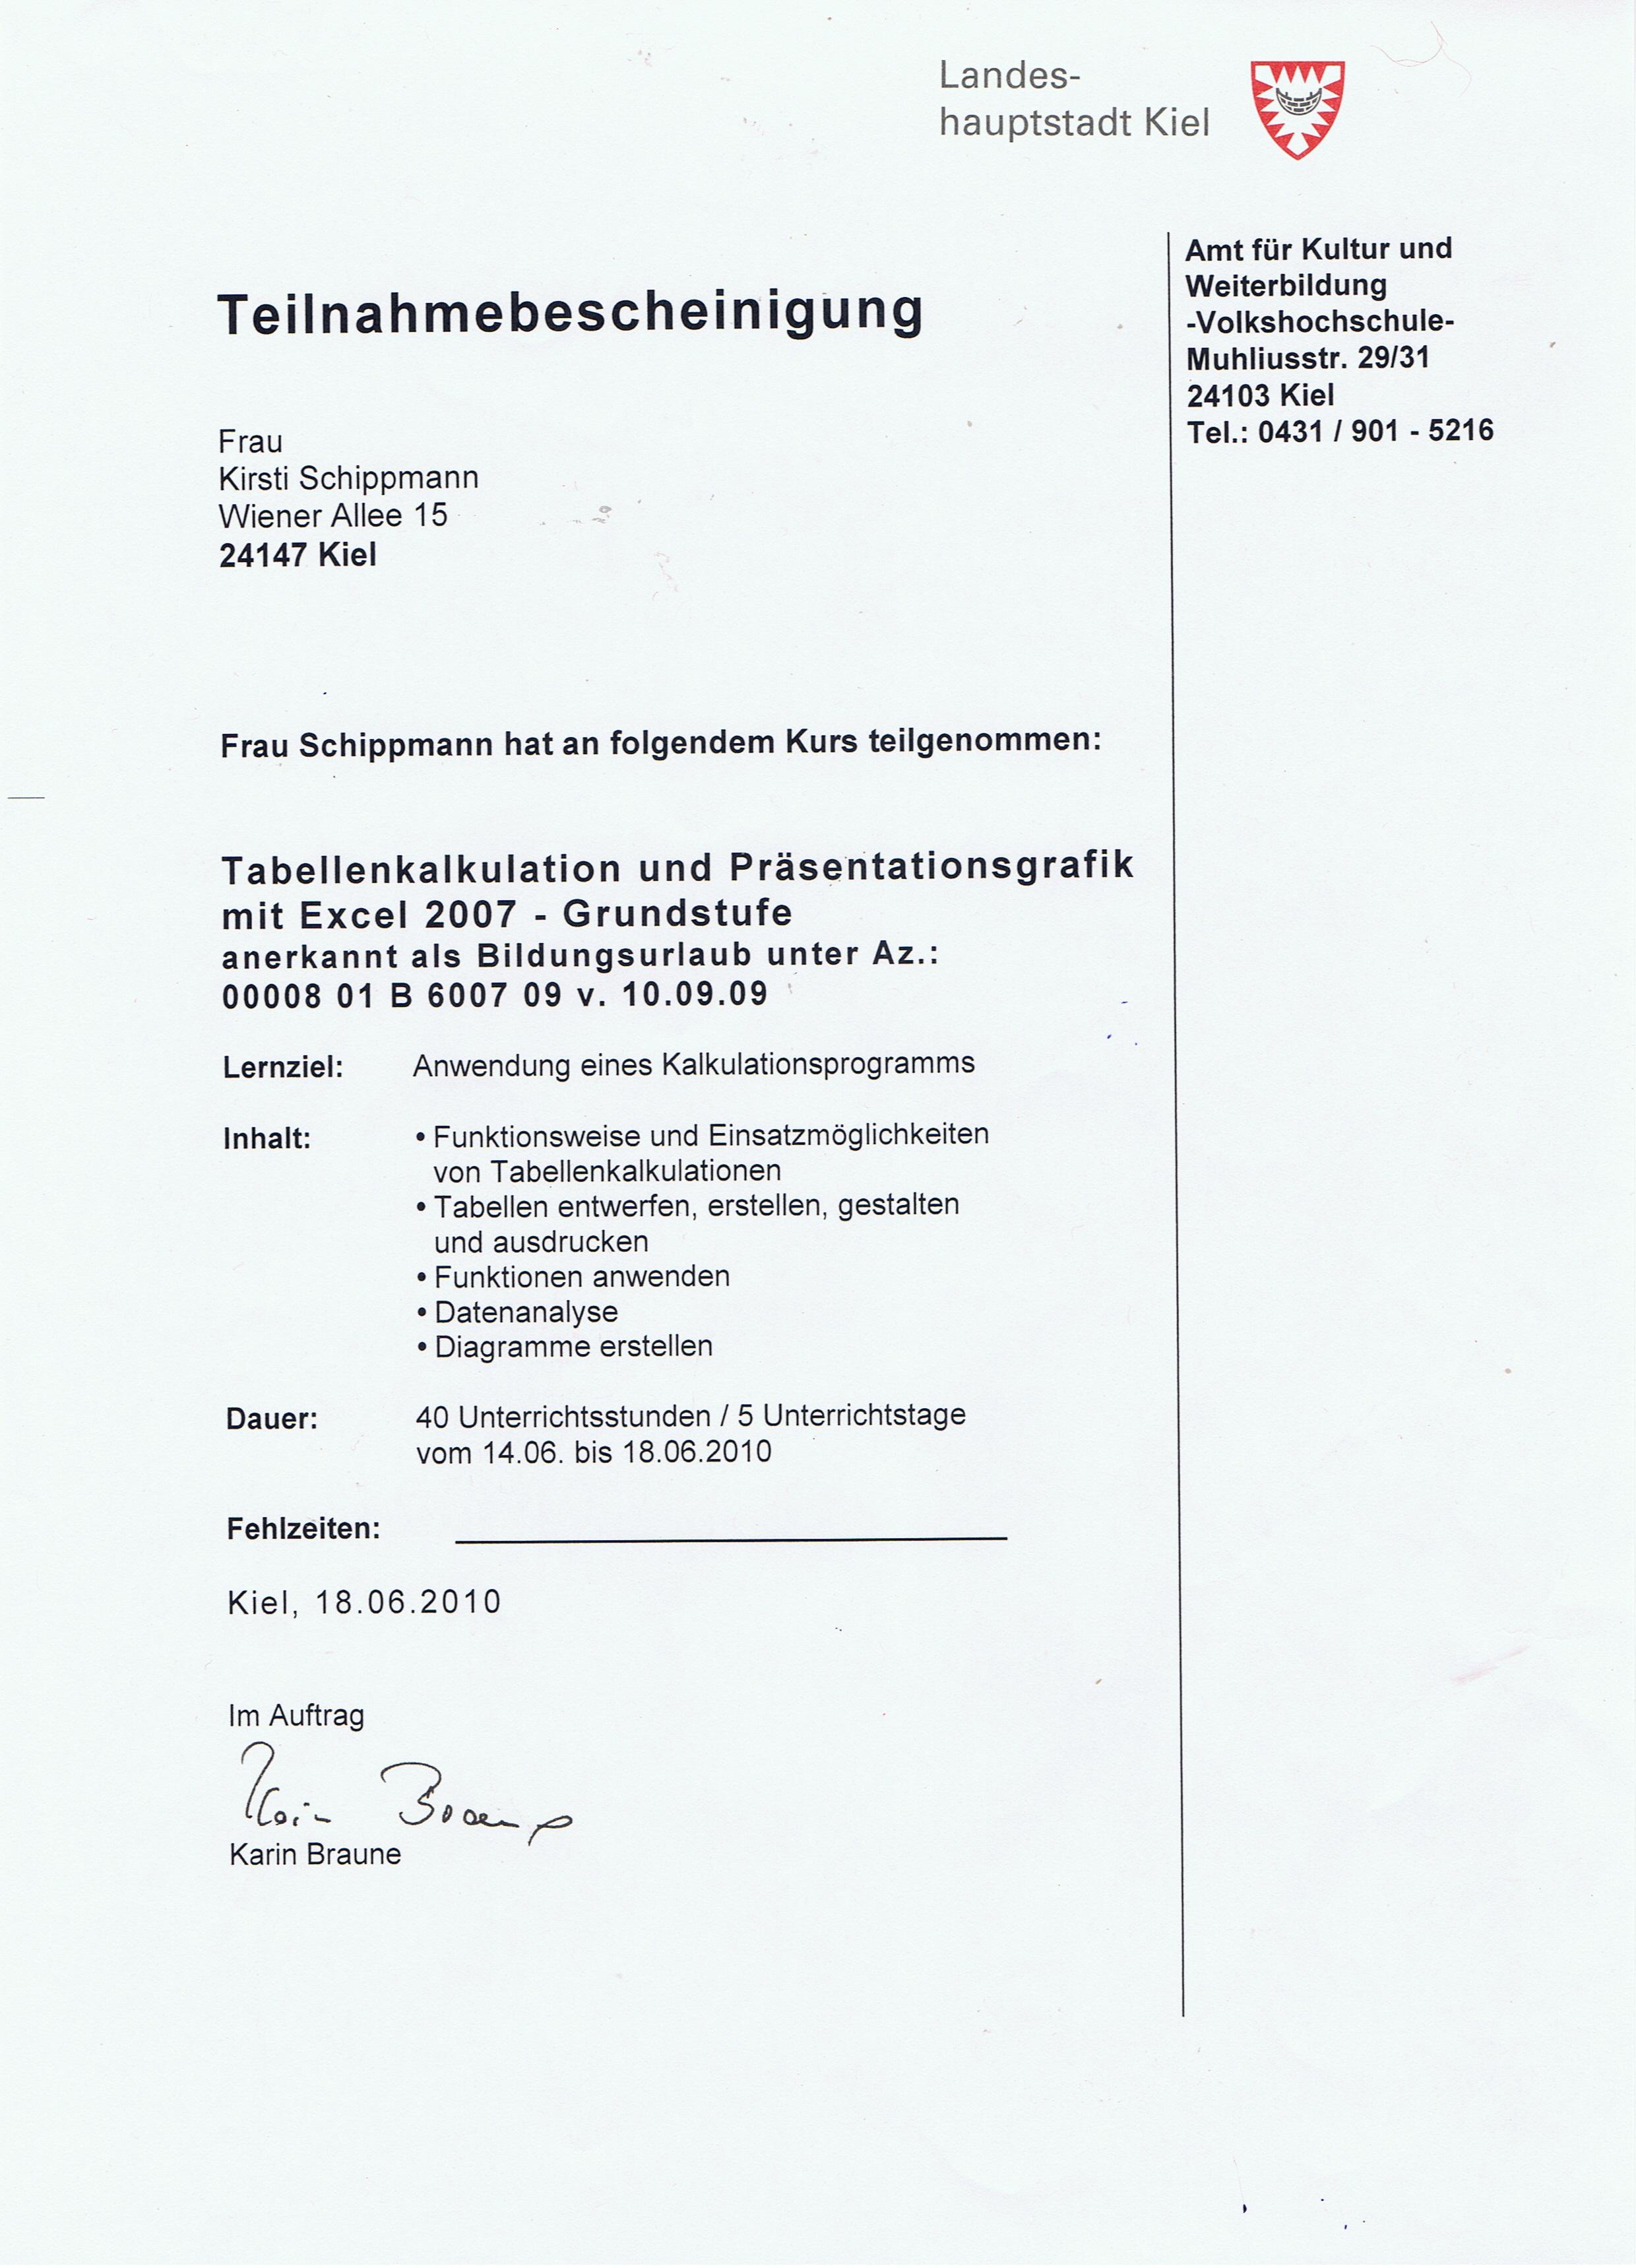 Schön Kurs Planungsvorlage Fotos - Entry Level Resume Vorlagen ...